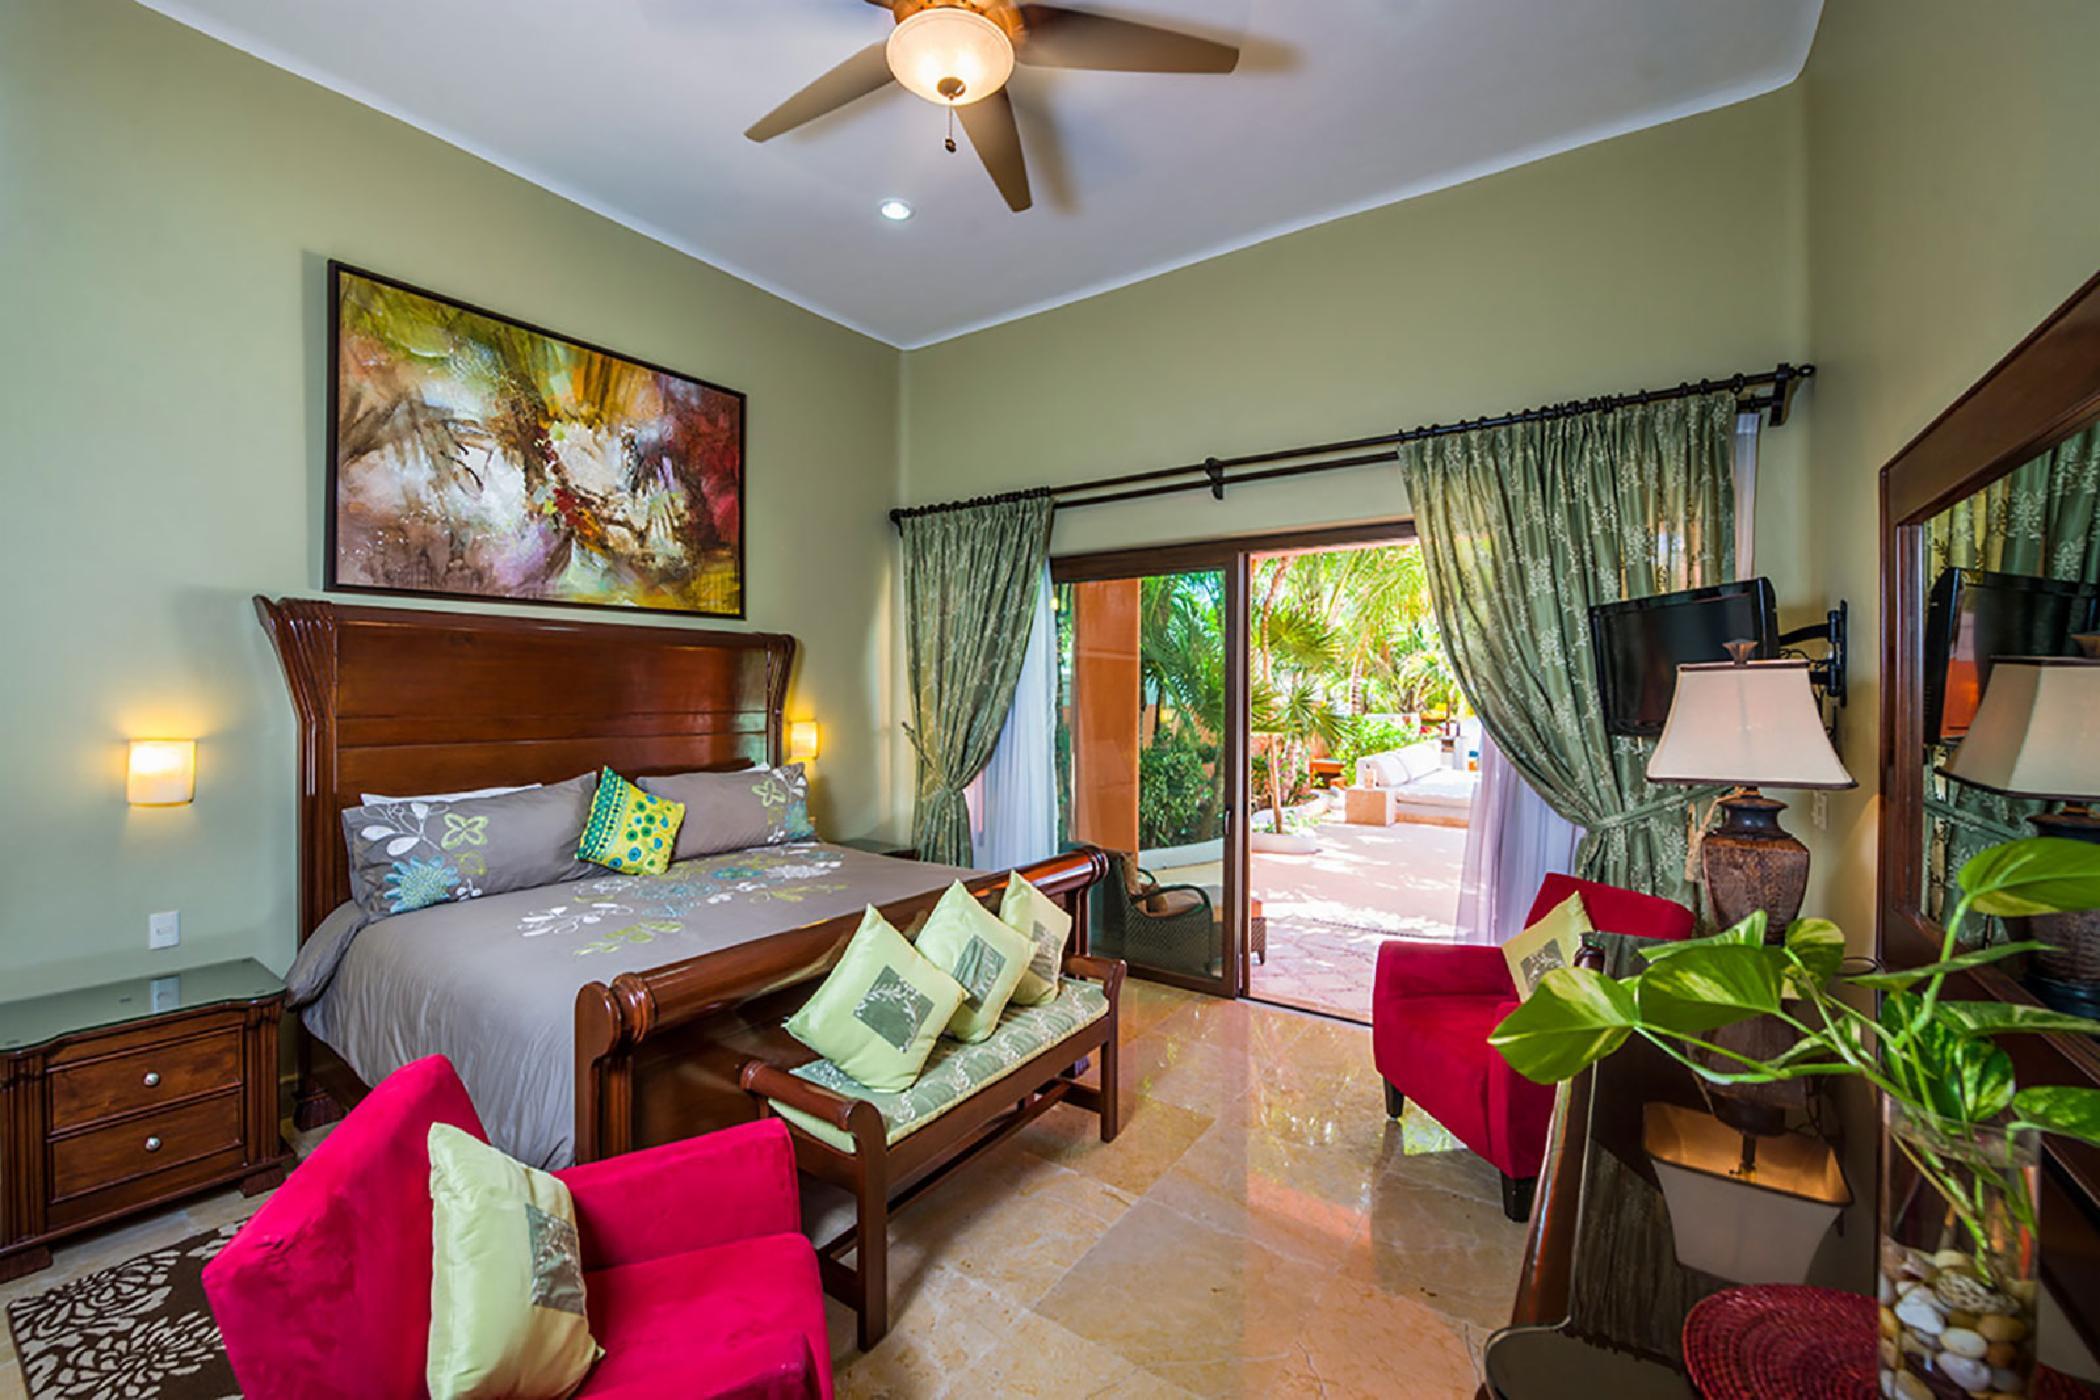 Maya_Luxe_Riviera_Maya_Luxury_Villas_Experiences_Tankah_Bay_Tulum_8_Bedrooms_Cenote_del_Mar_14.jpg